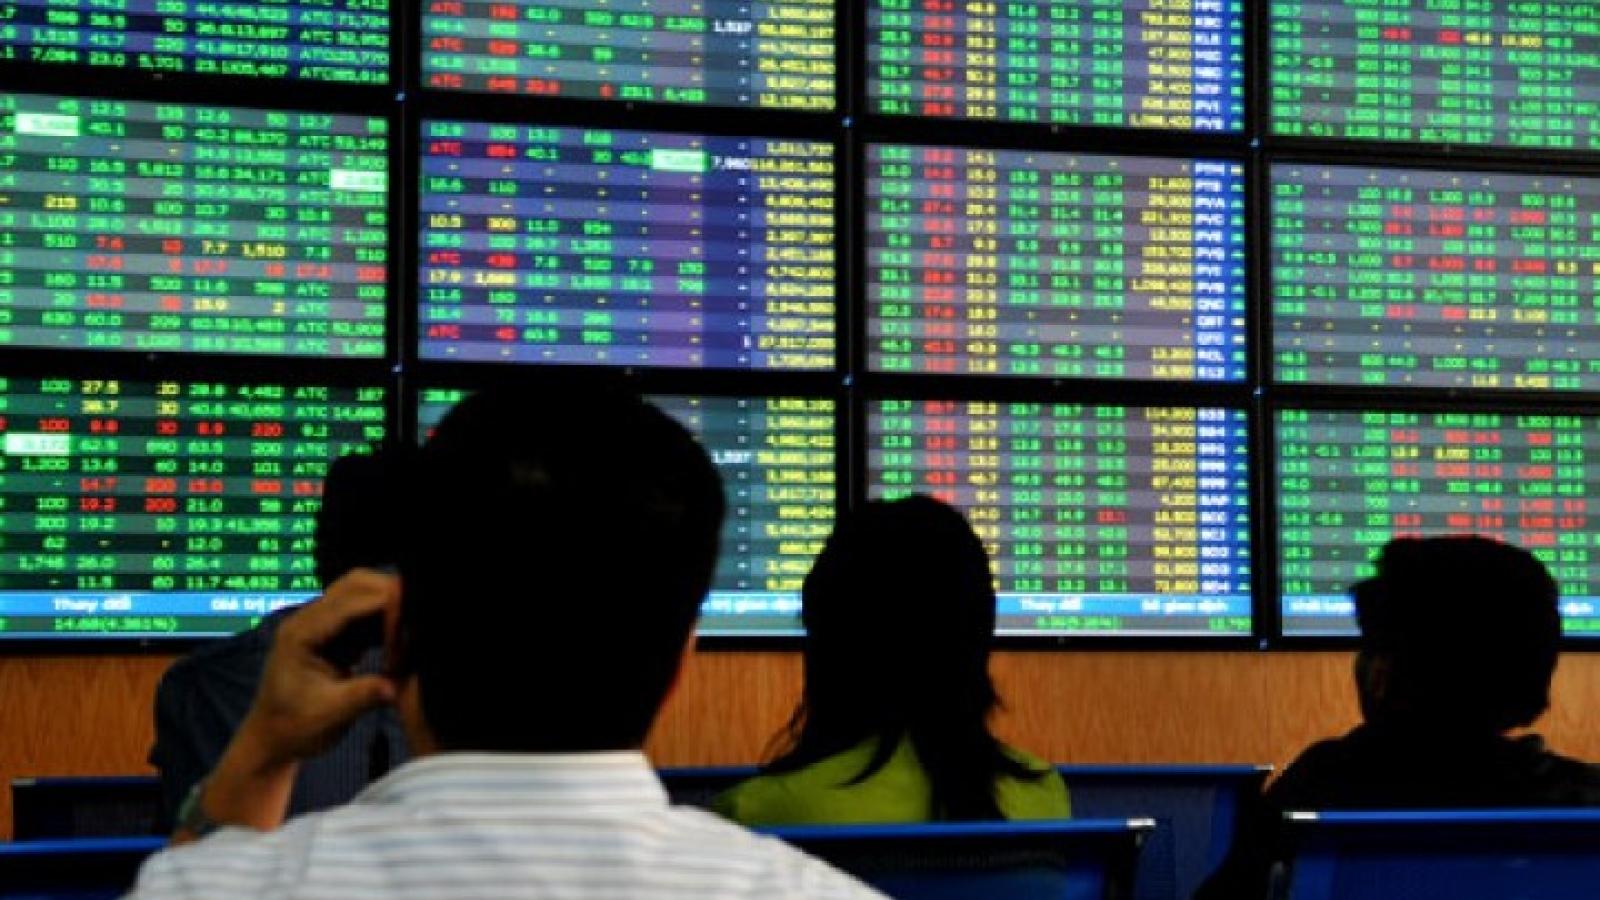 Thị trường chứng khoán tiềm ẩn nhiều rủi ro hơn là cơ hội